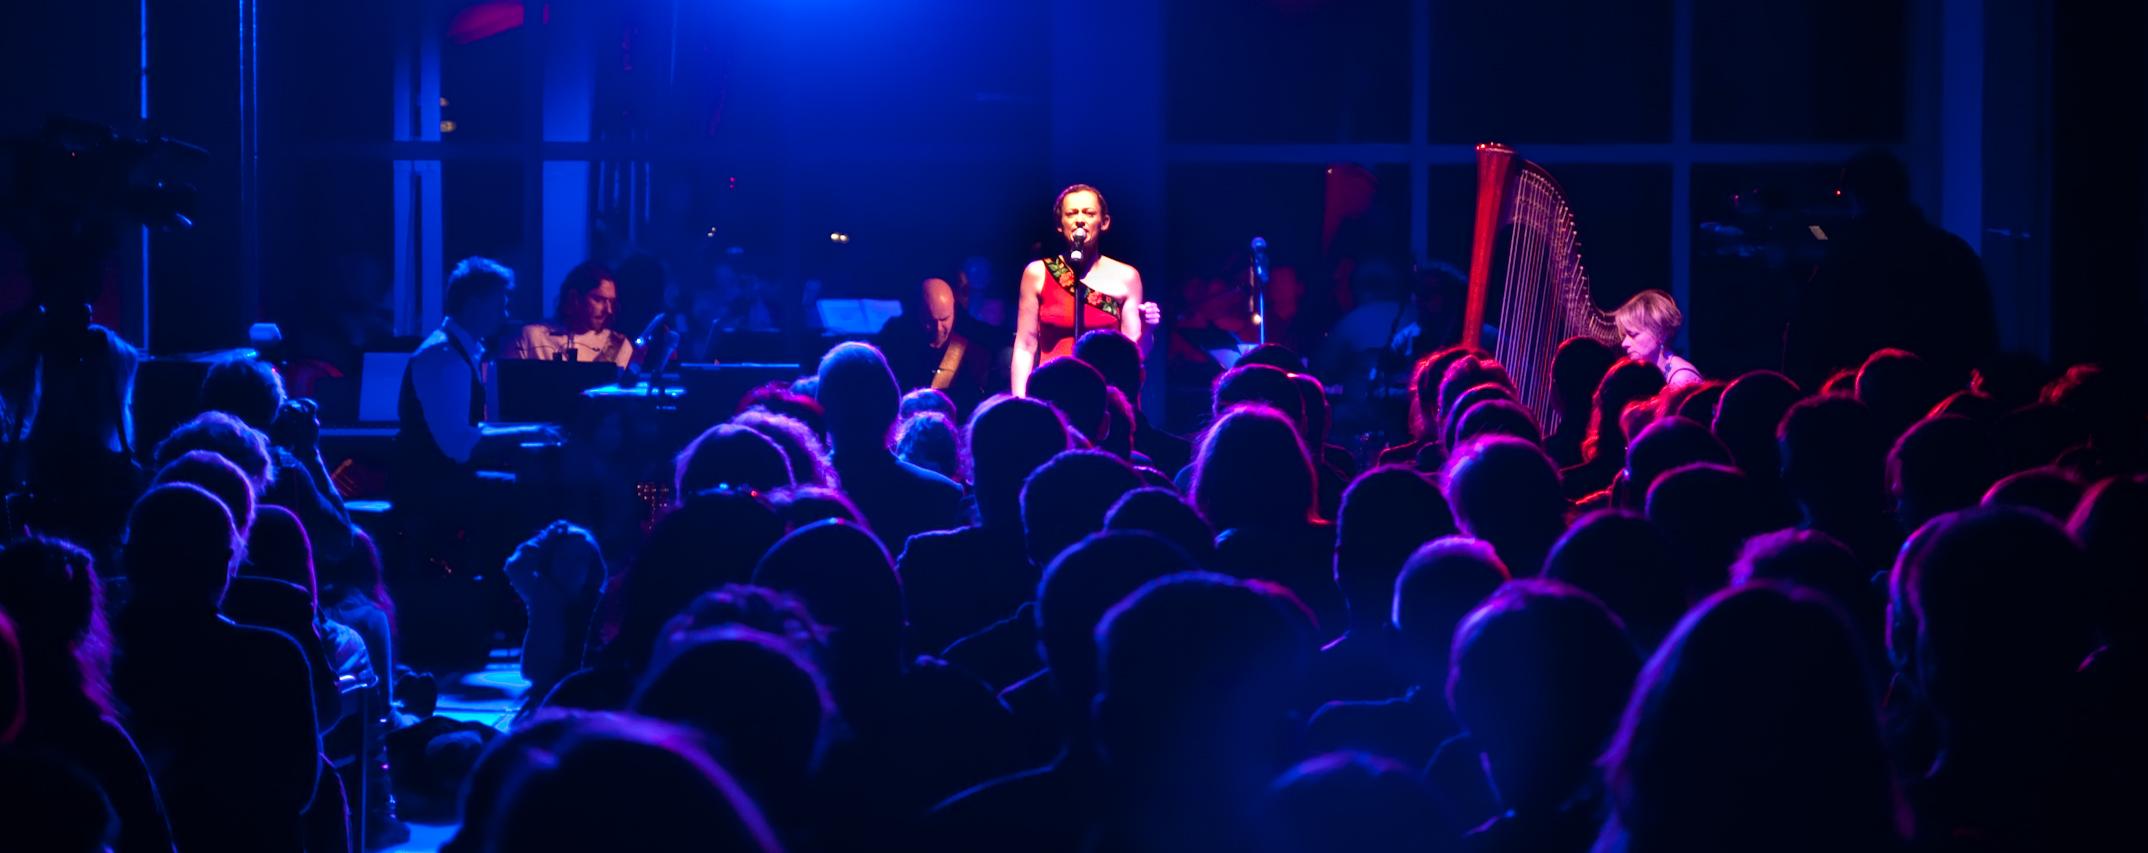 """Ola Turkiewicz. III Koncert Niepodległości """"Listy do wnuczki"""". Muzeum Powstania Warszawskiego 11.11.2011. Fot. Dawid Korczyński"""